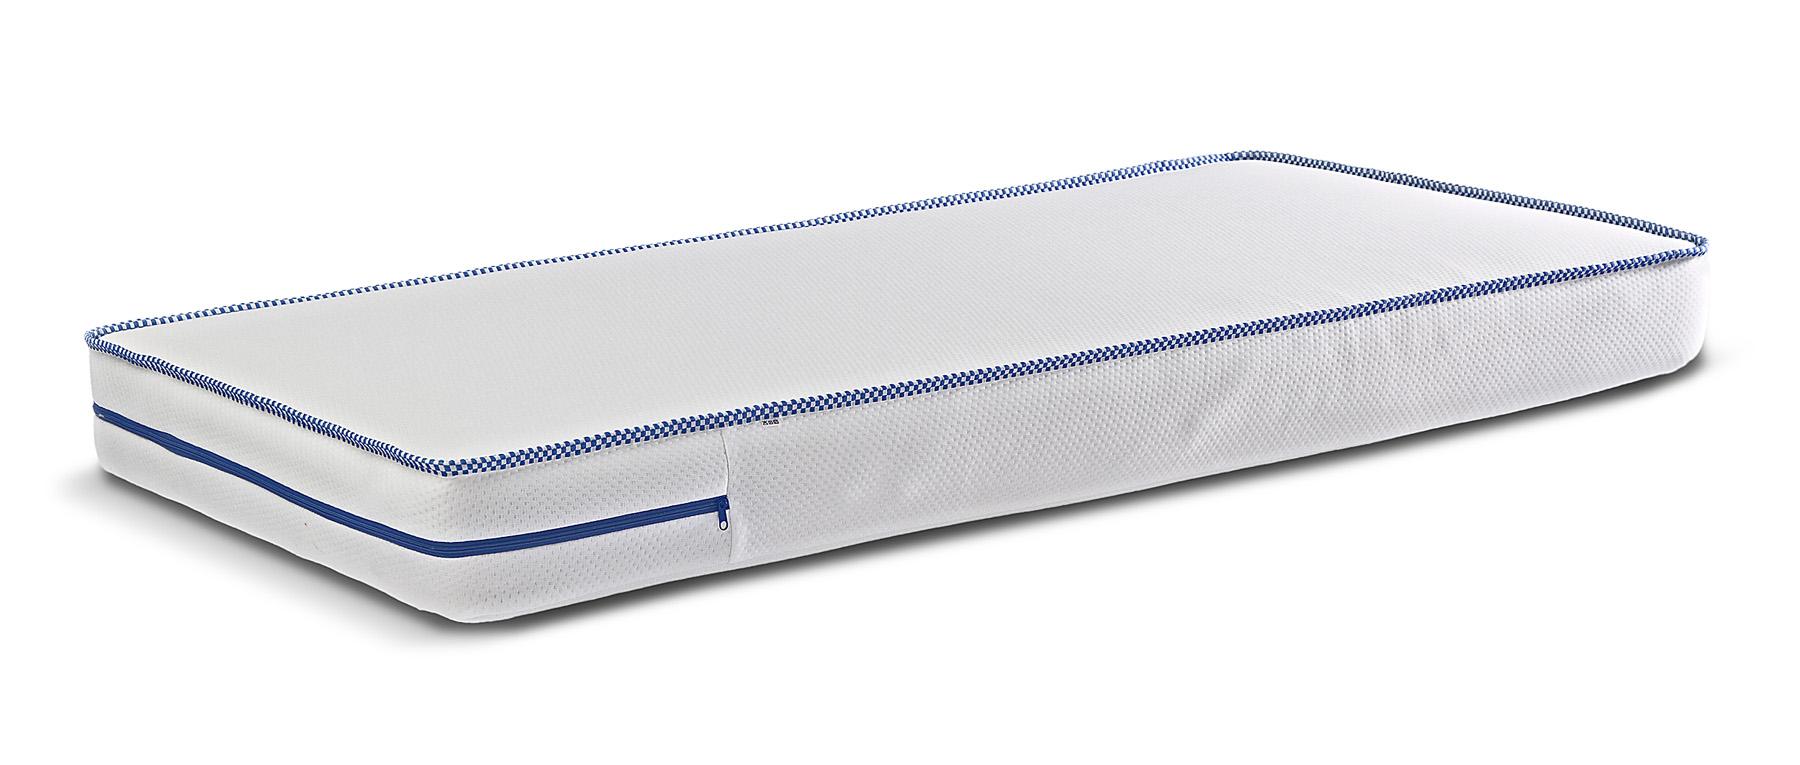 Latex-foam Mattress 120×60